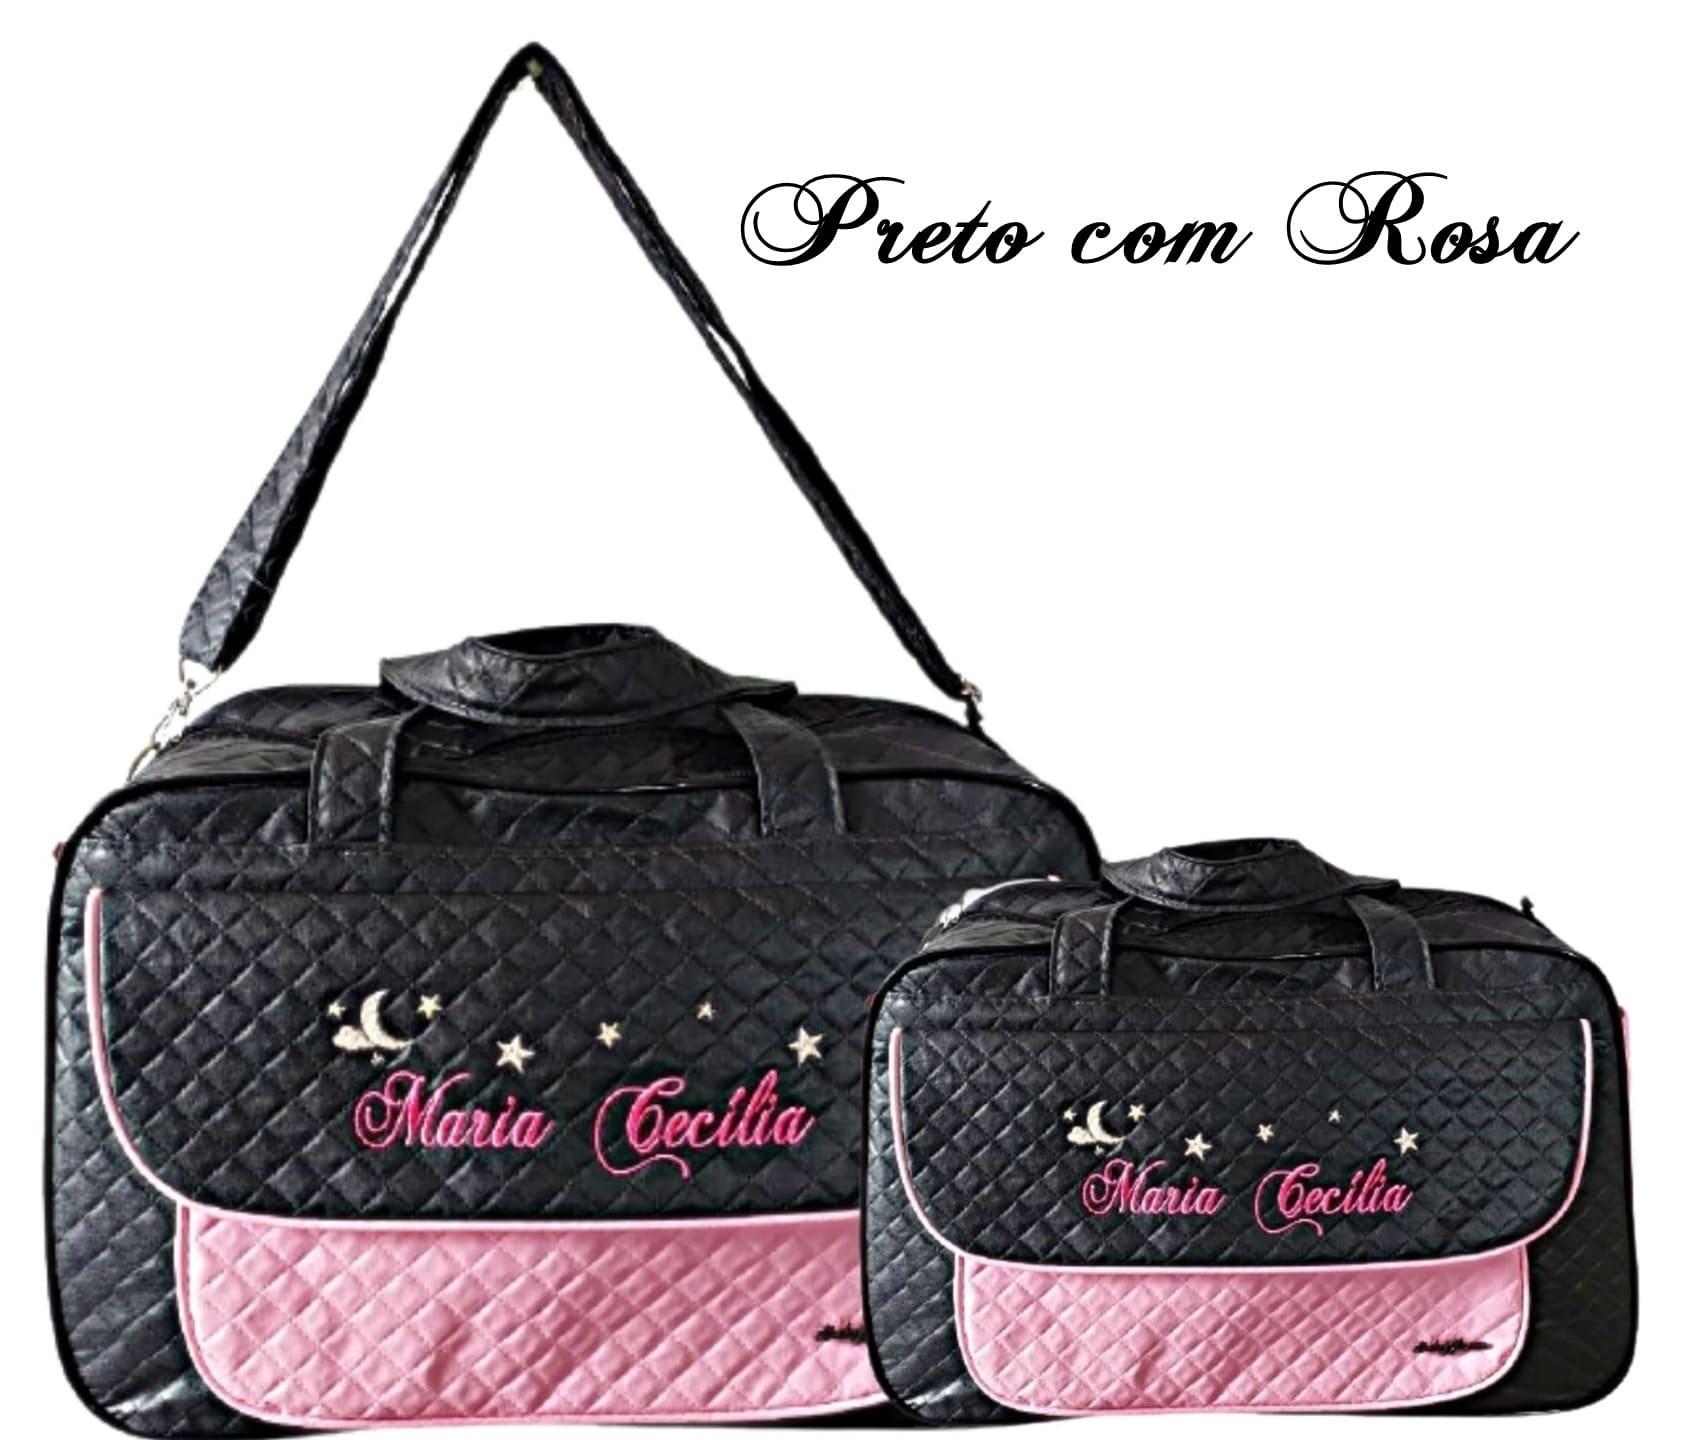 Kit Bolsa grande e Bolsa pequena + Mochila  Maternidade Personalizadas 2pçs Menina